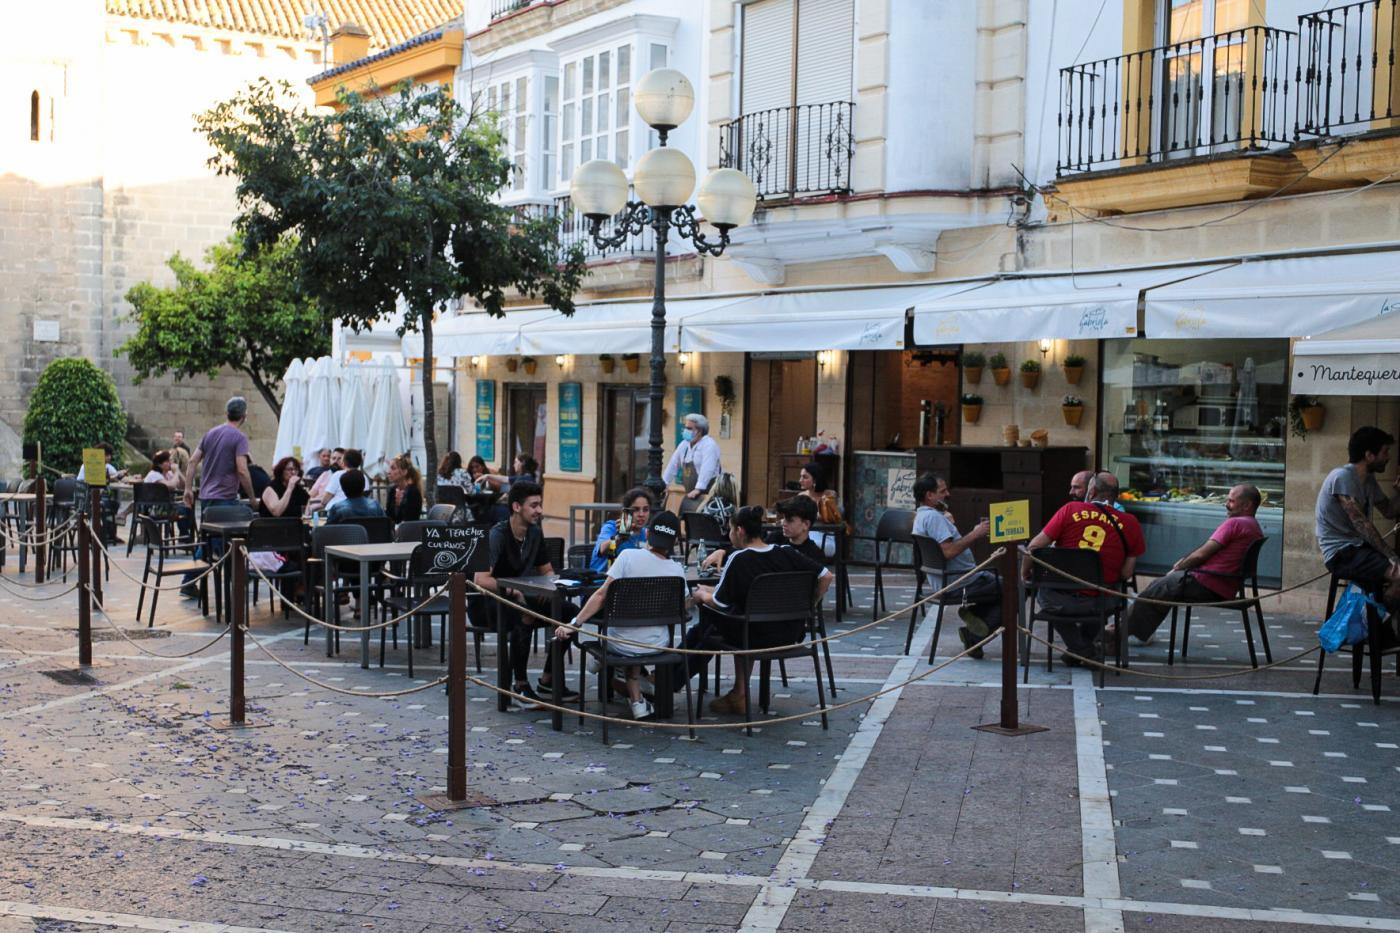 Asociaciones de vecinos de Jerez exigen el cumplimiento de la ordenanza de veladores